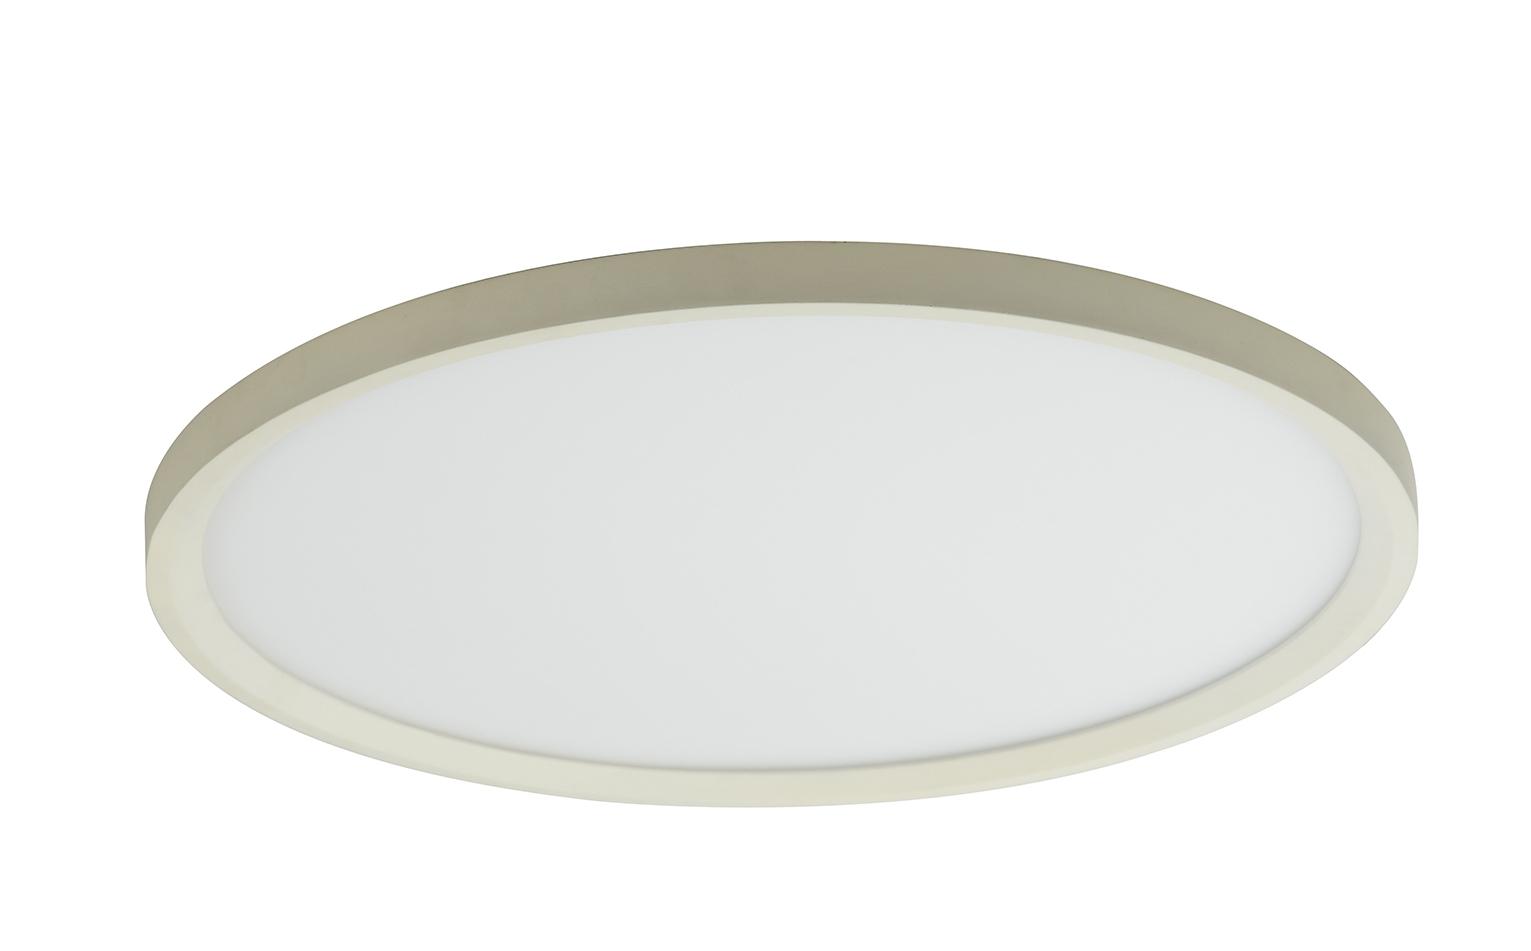 נפלאות 11063 גוף תאורה צמוד תקרה לד - א.ר שיווק גופי תאורה KG-03